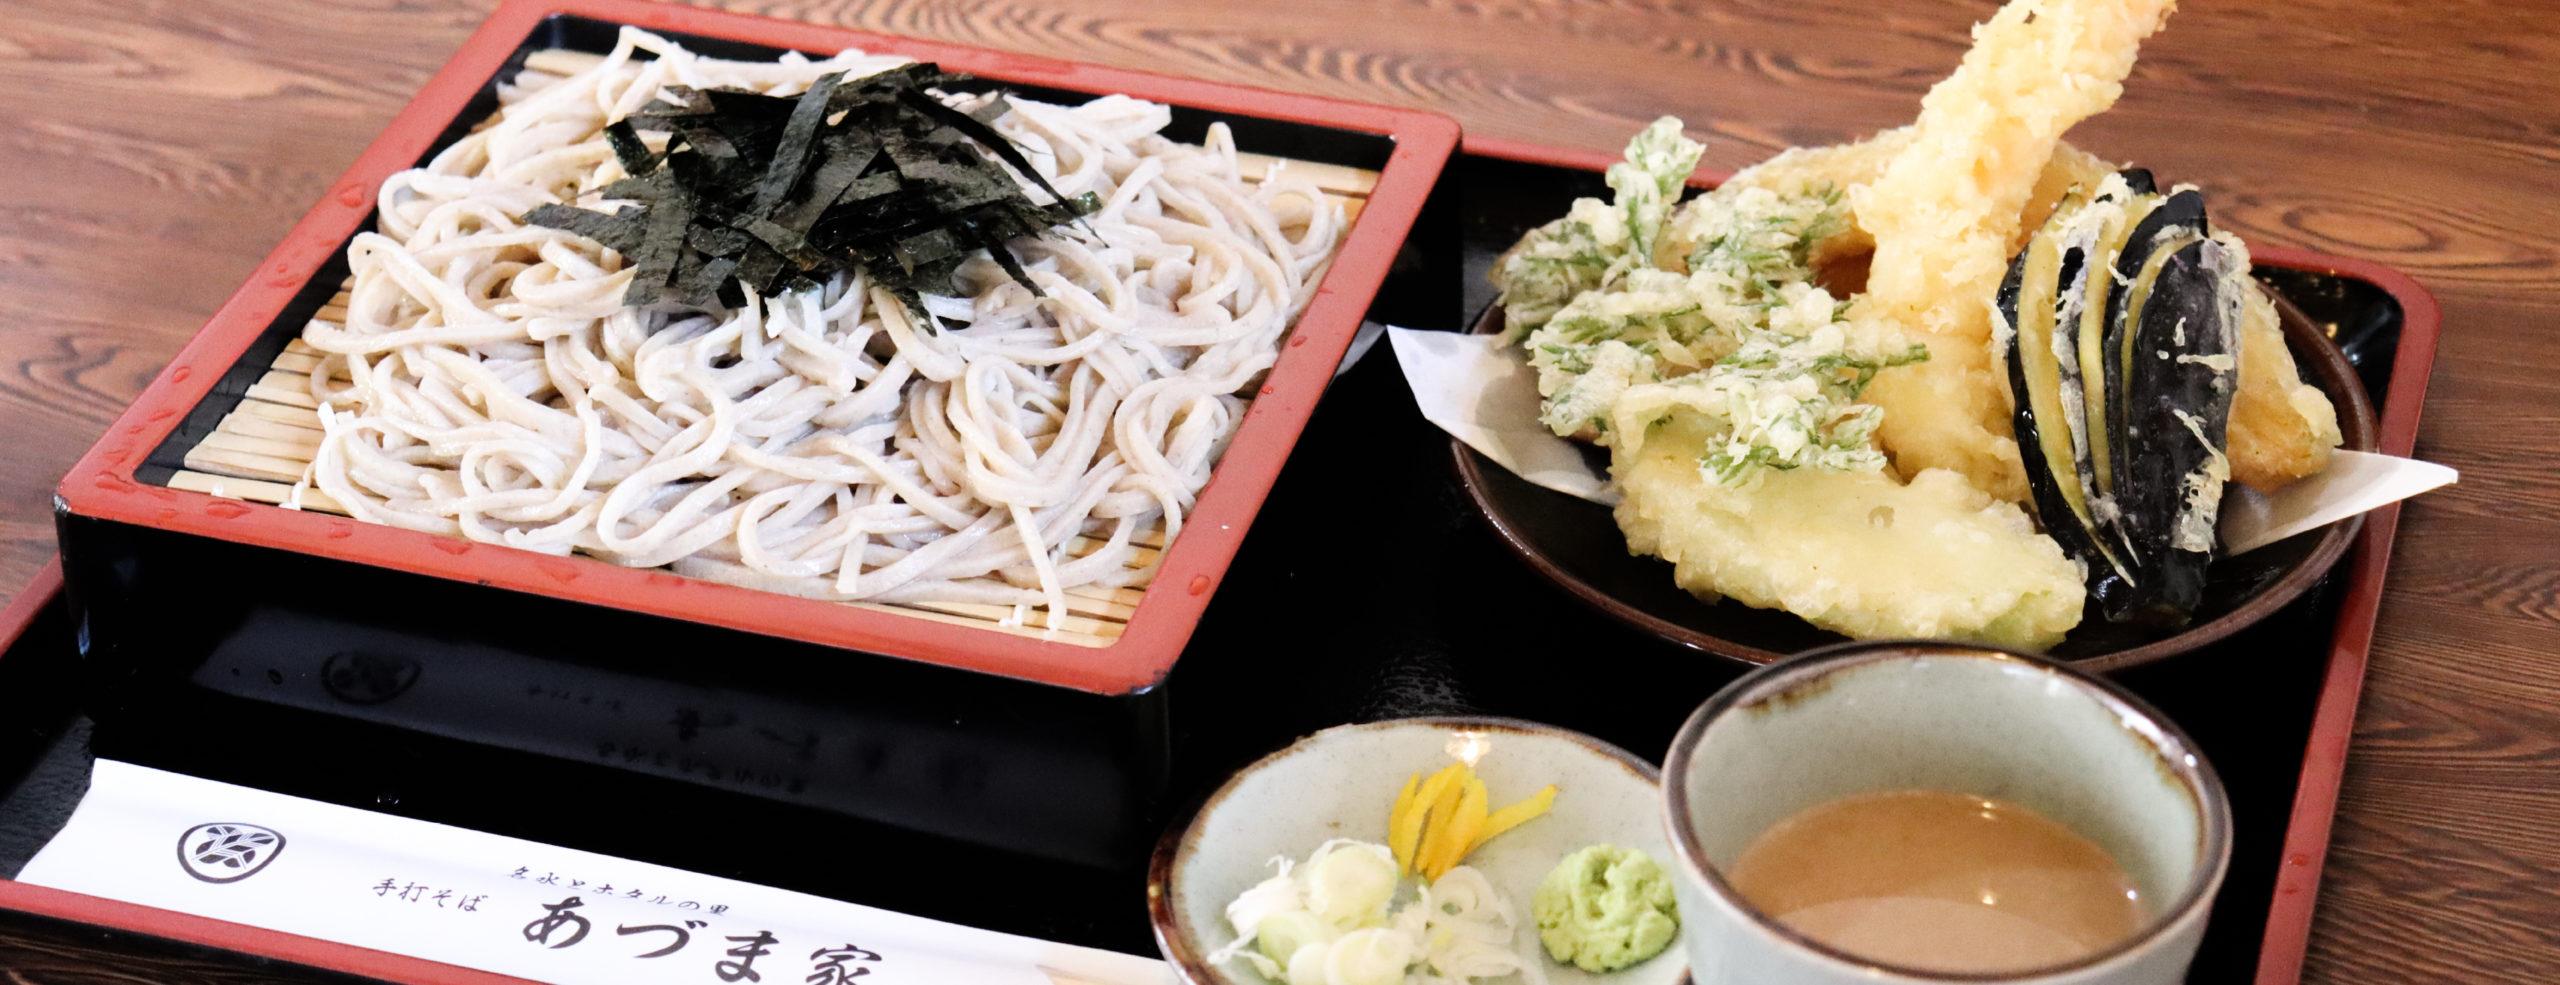 日本名水百選の箱島遊水で打った自家製そばが人気。手打ちそばとうどんのあづま家     もつ煮やカレーも人気 群馬県 吾妻郡 東吾妻町